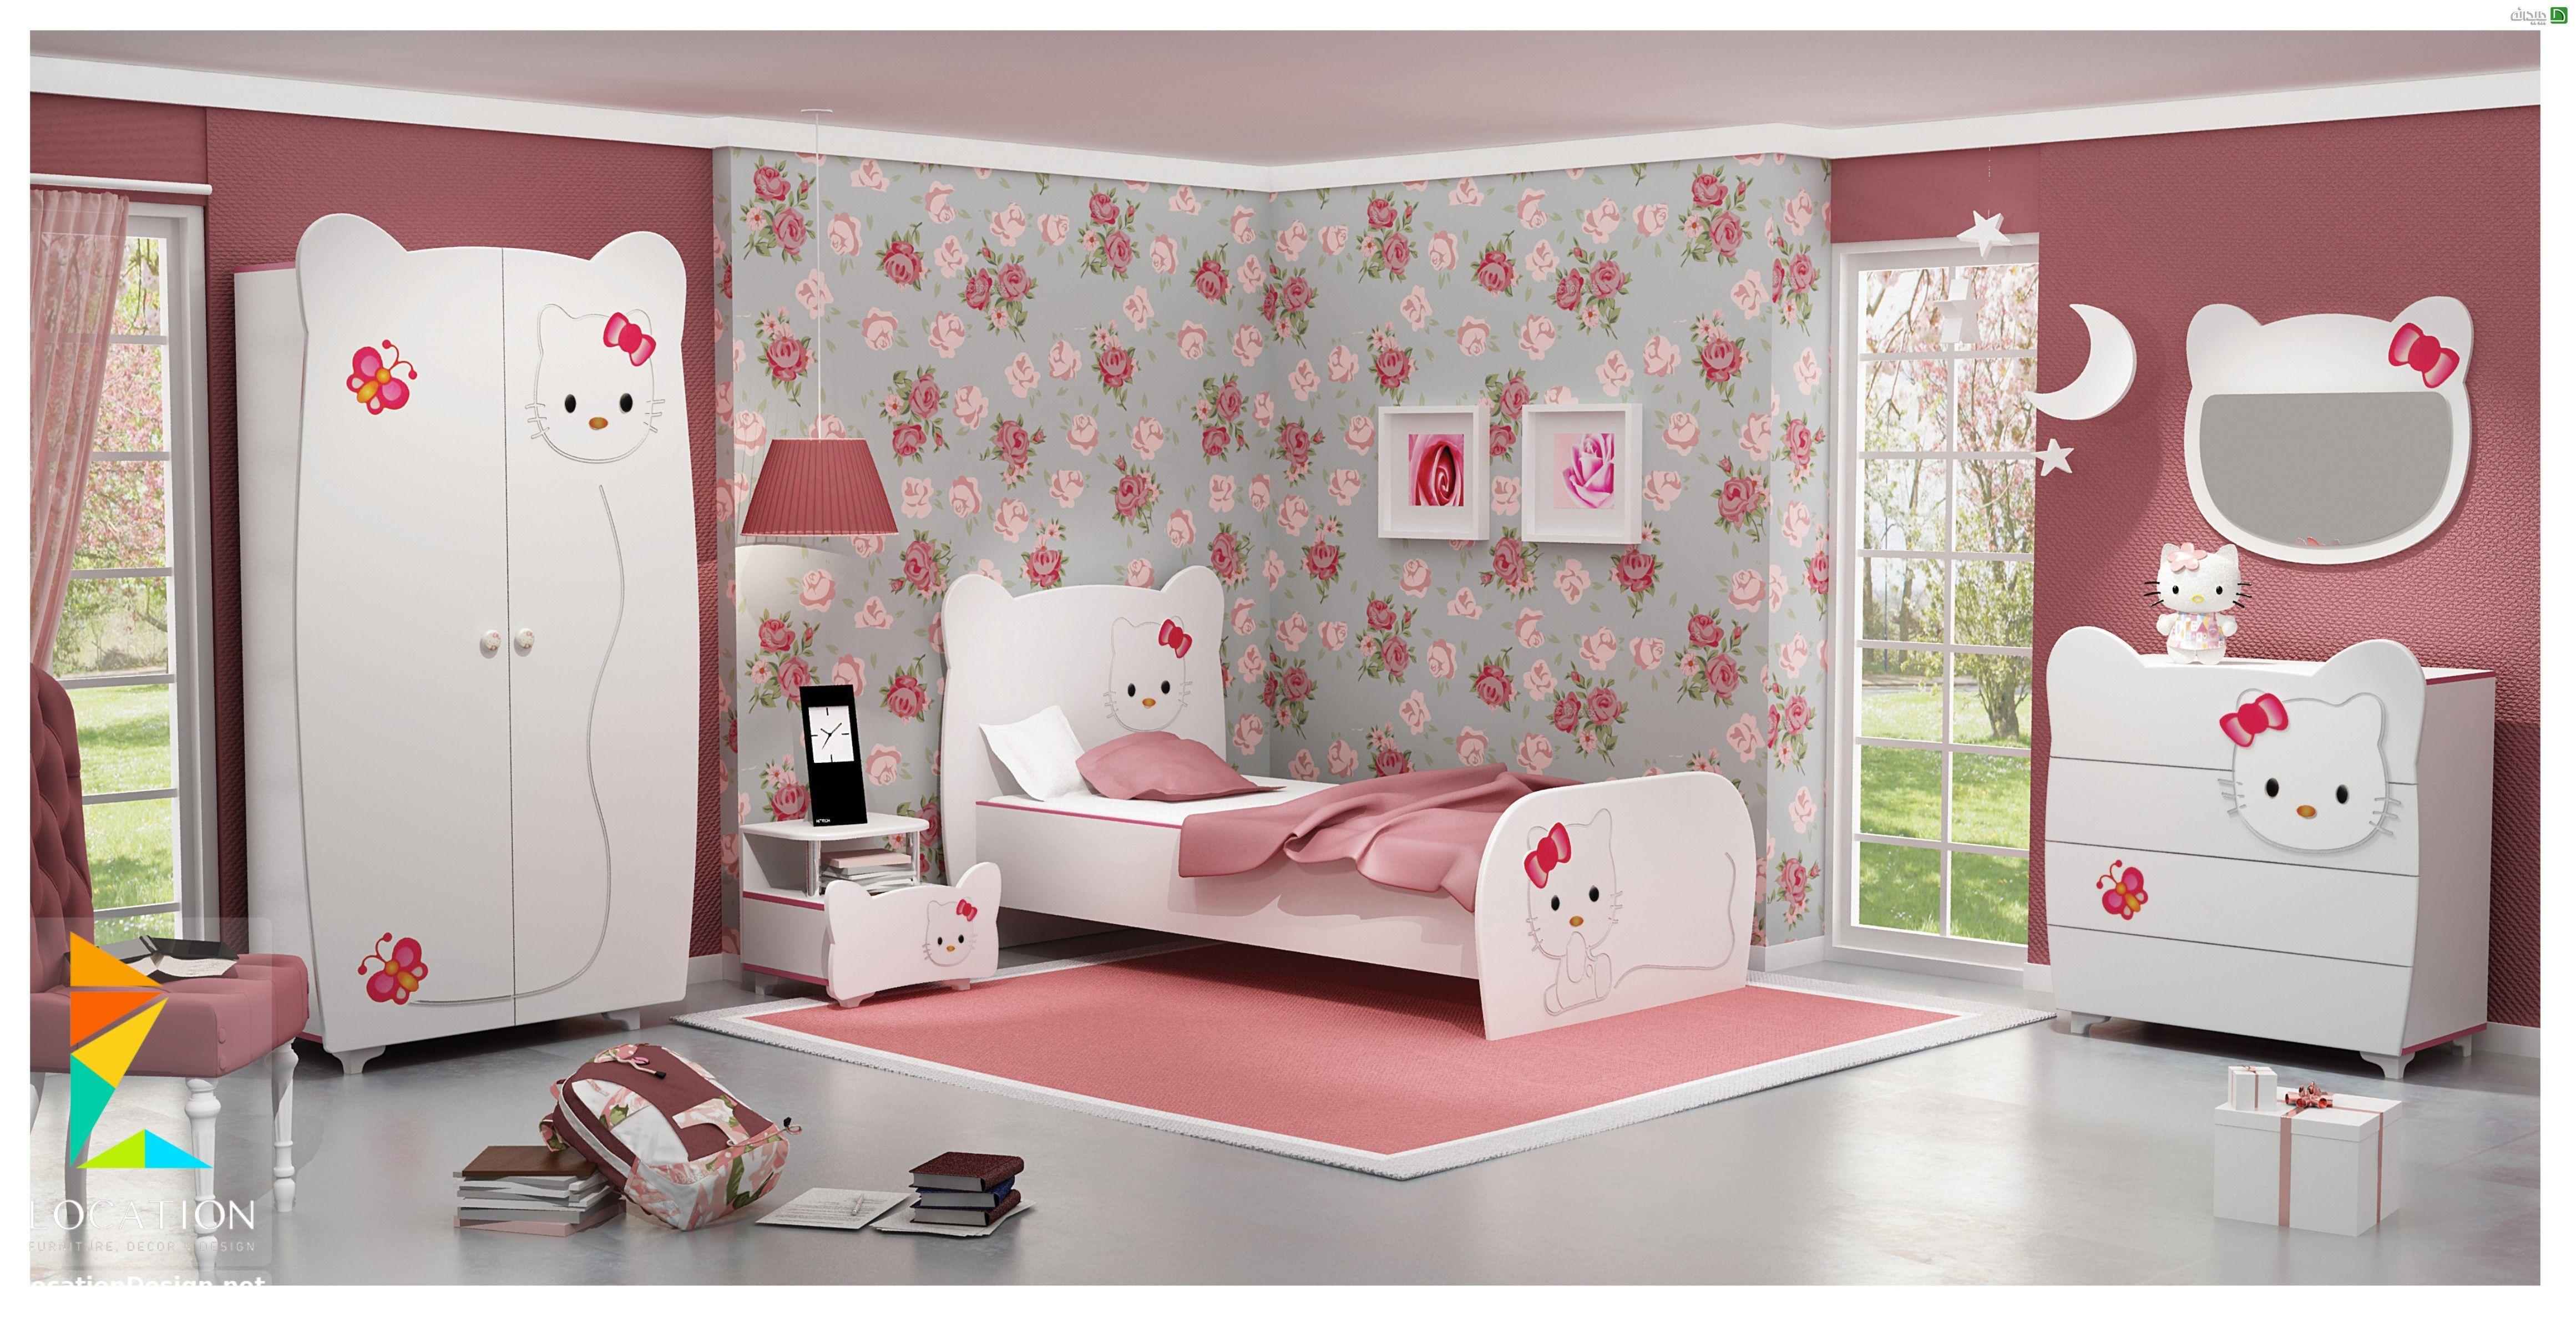 كتالوج غرف اطفال بنات أجمل تصميمات غرف نوم الأطفال للبنات 2019 2020 Modern Kids Bedroom Childrens Bedrooms Baby Room Furniture